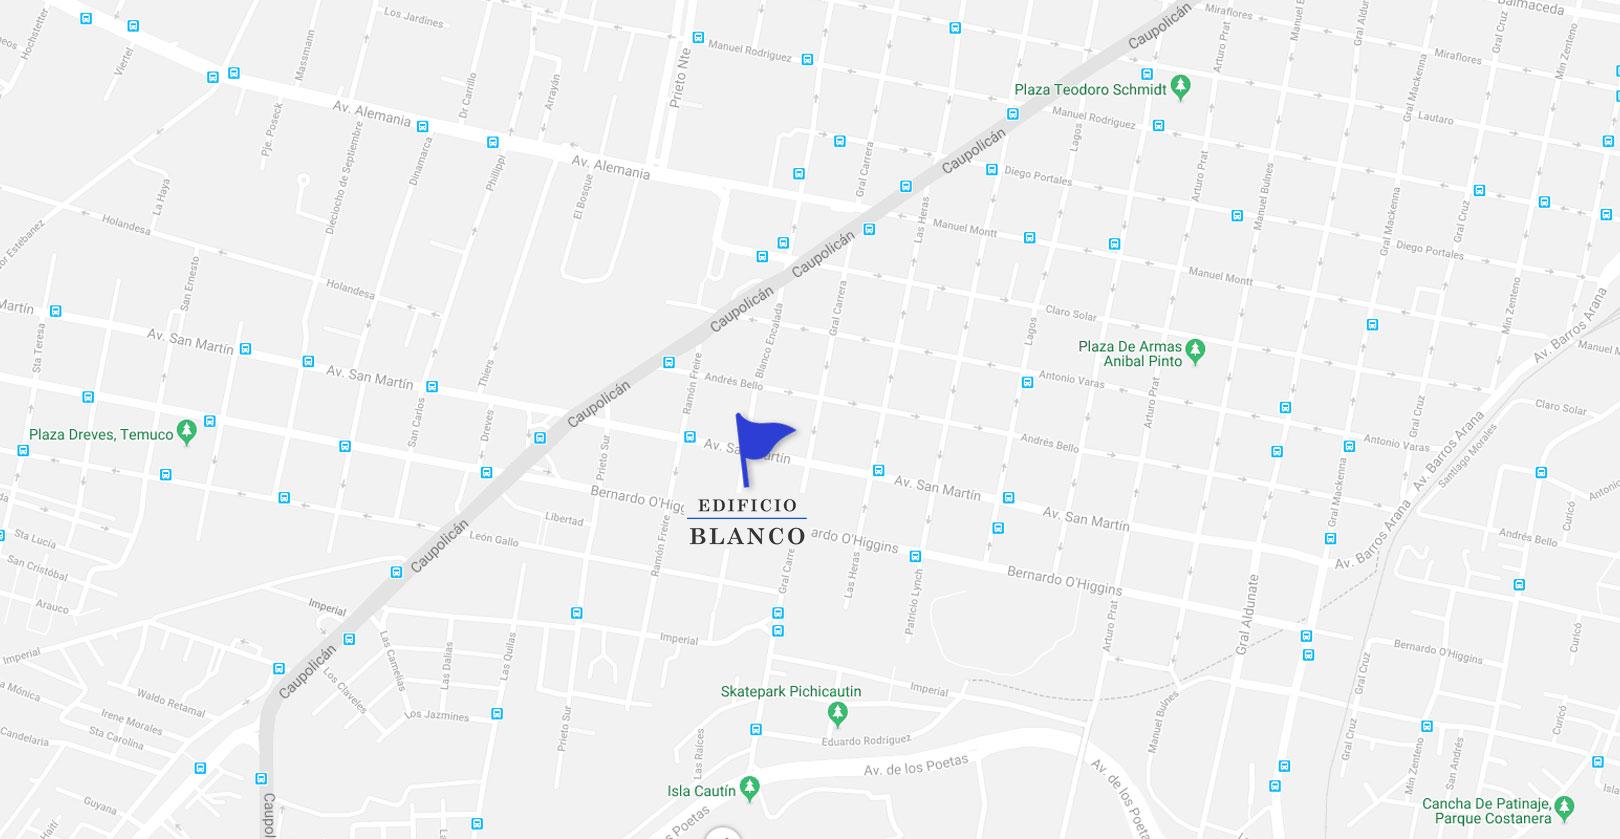 Mapa-edificio blanco-Dubois